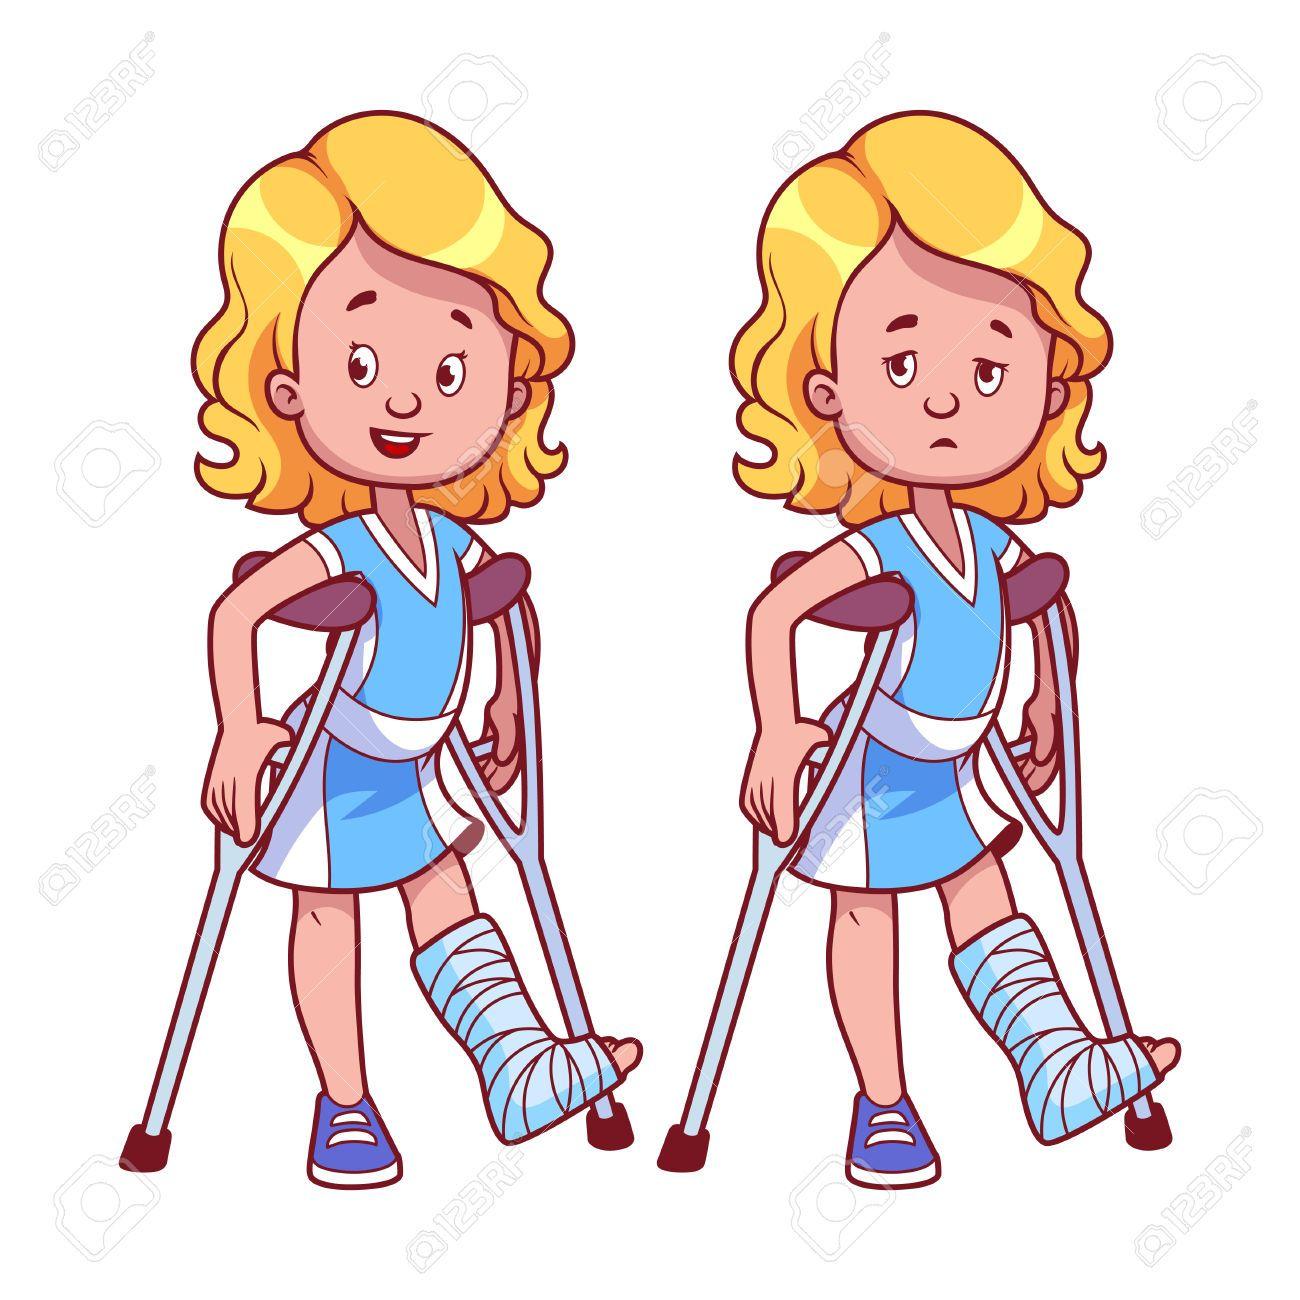 Child in cast clipart jpg black and white Stock Vector | broken leg in 2019 | Broken leg, Sad girl, Illustration jpg black and white